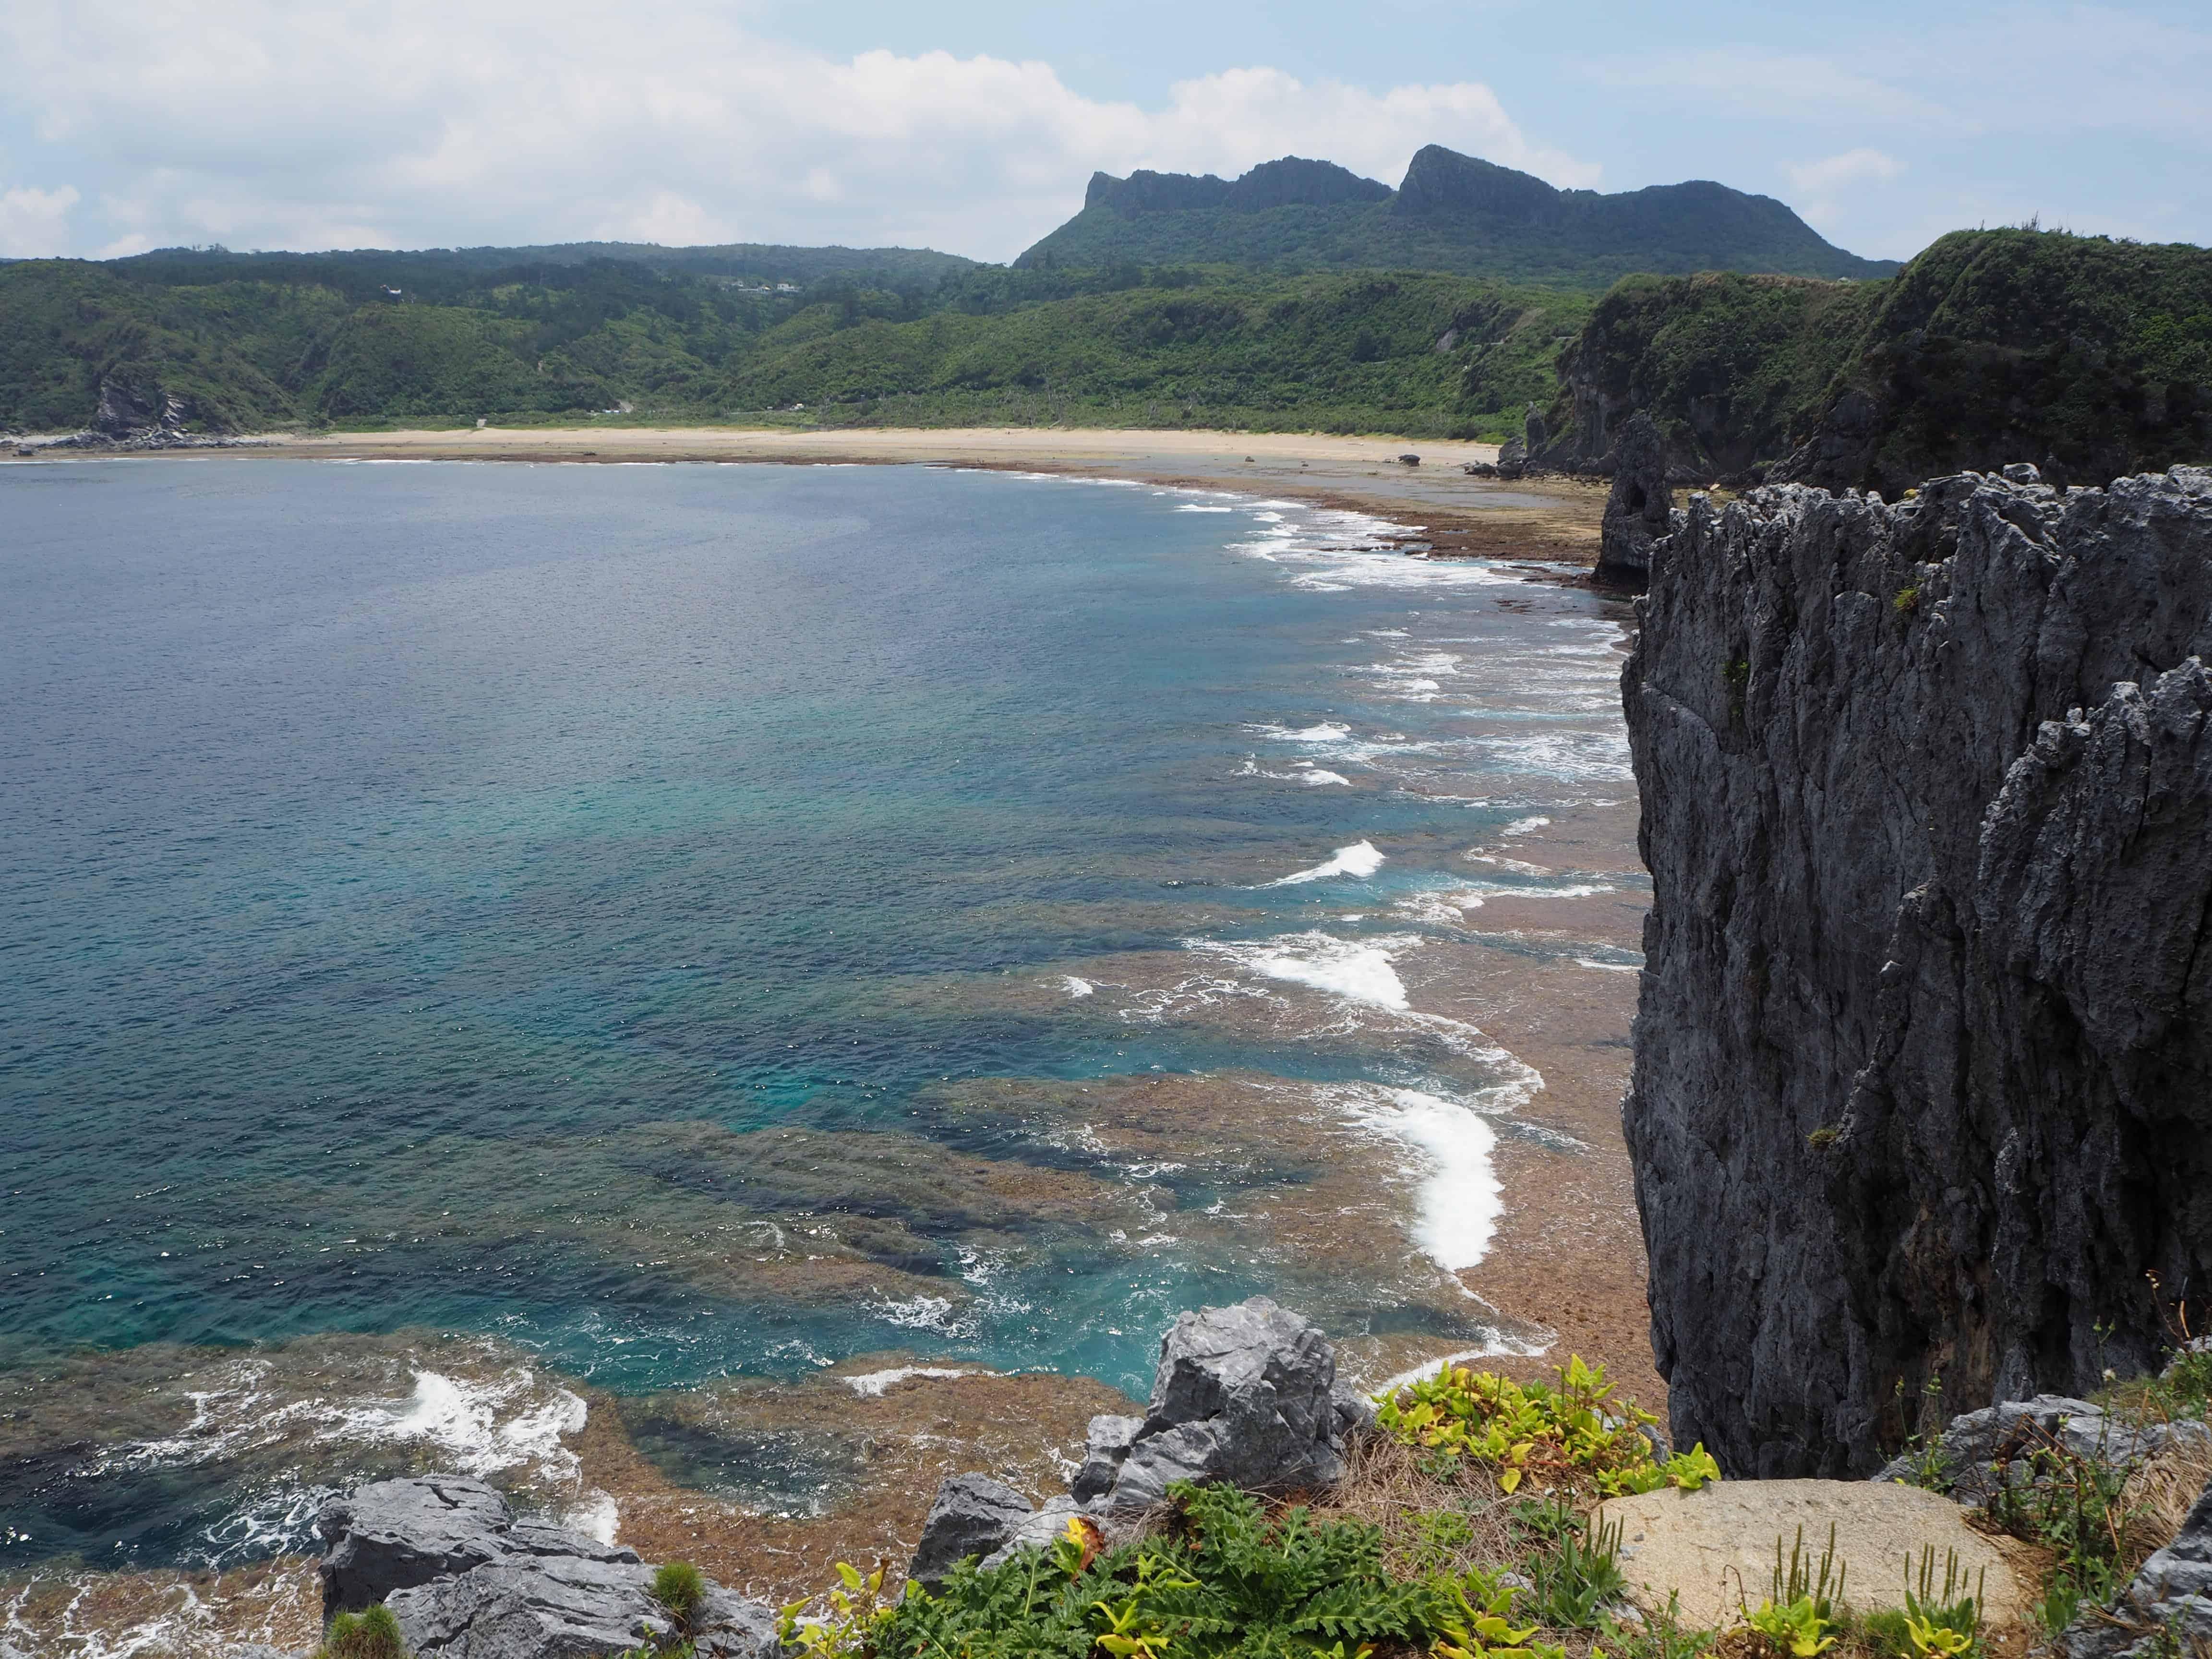 vue sur l'océan & montagne